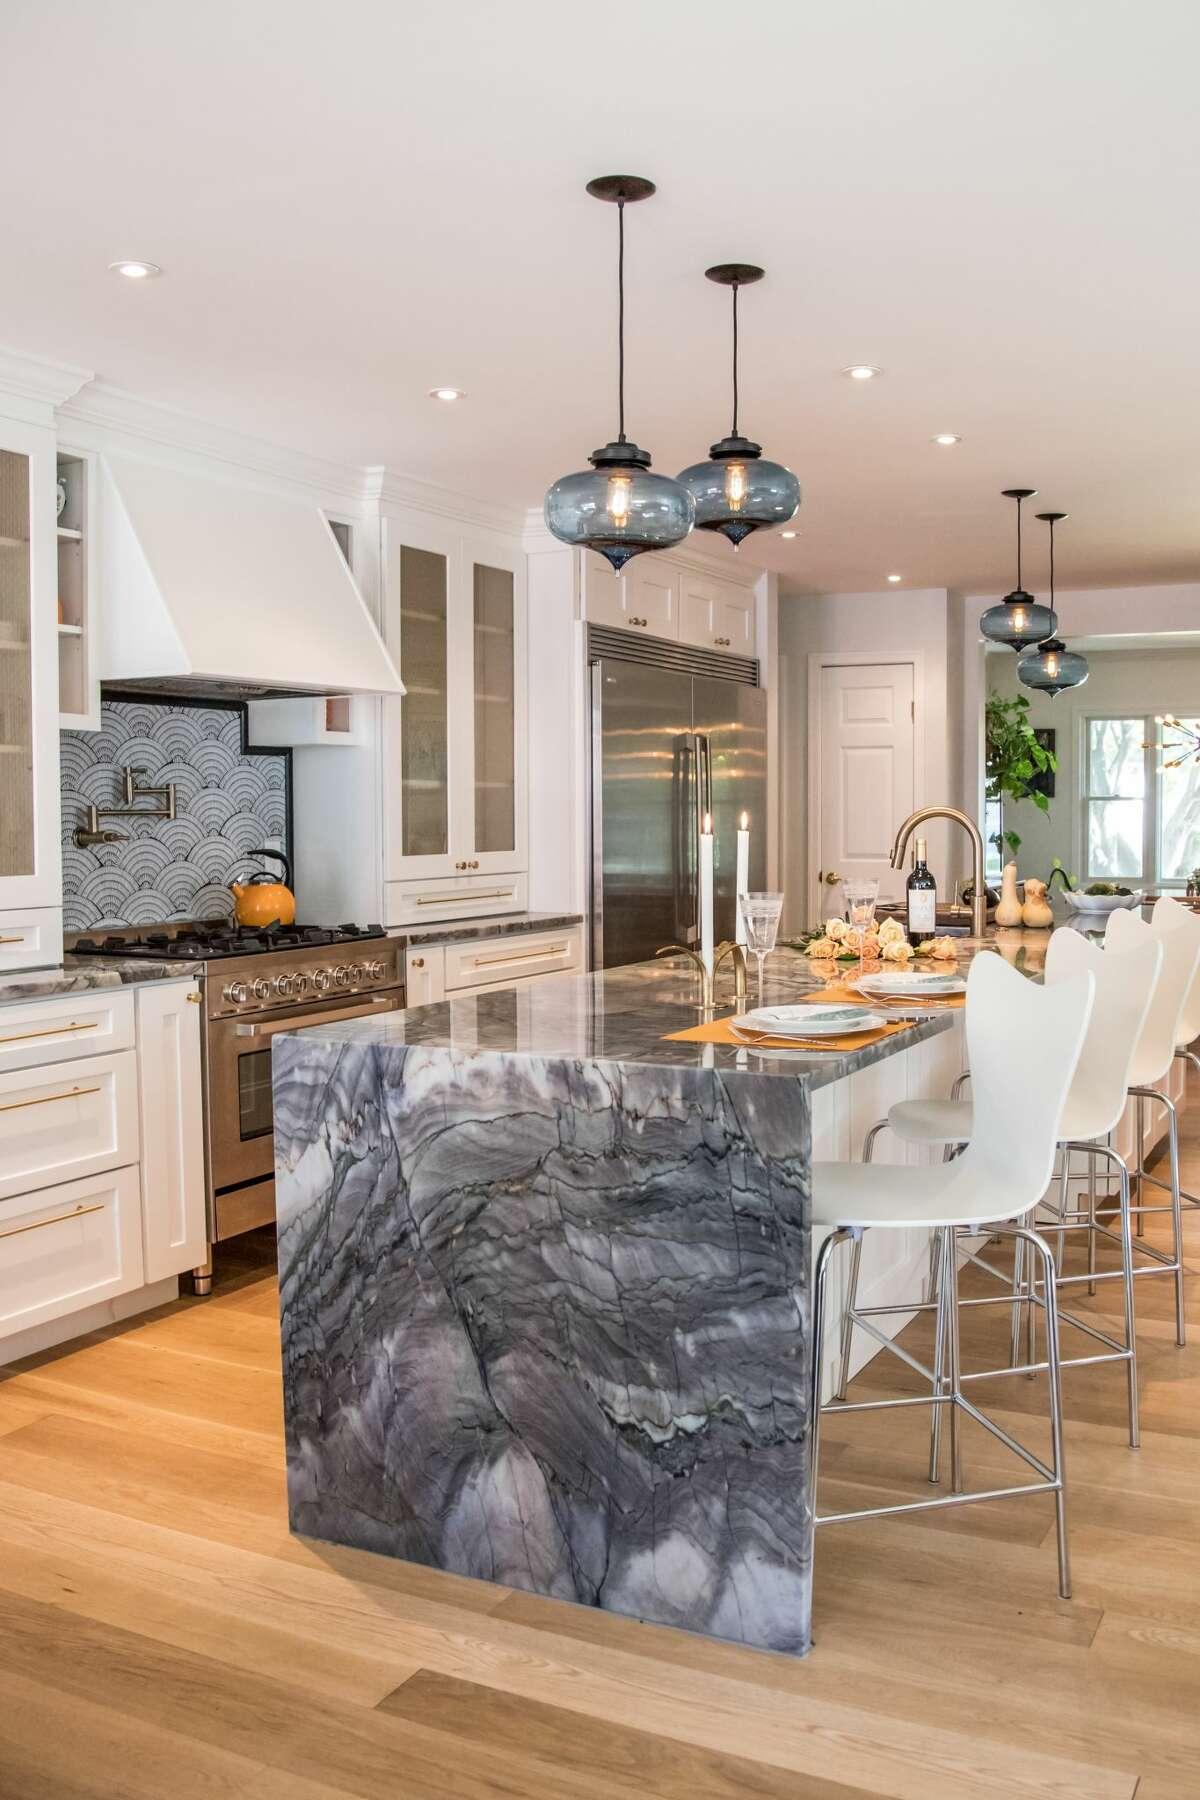 Flatbrook & Co. -- Best Remodel Kitchen Over $75K